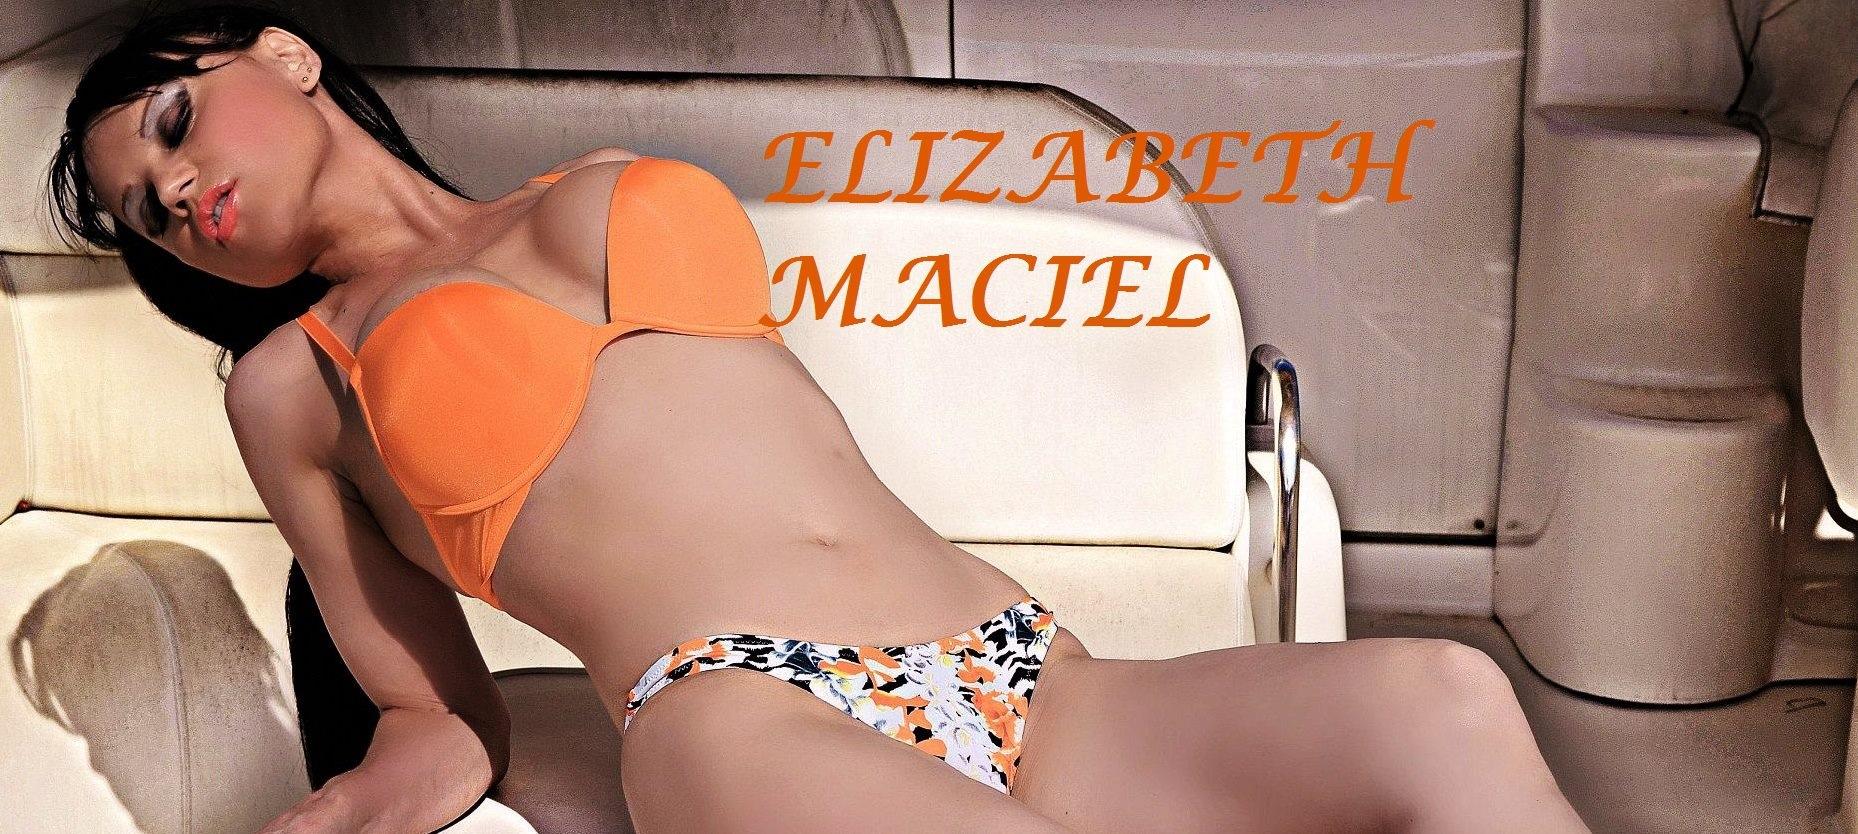 Elizabeth_Maciel_21secolo